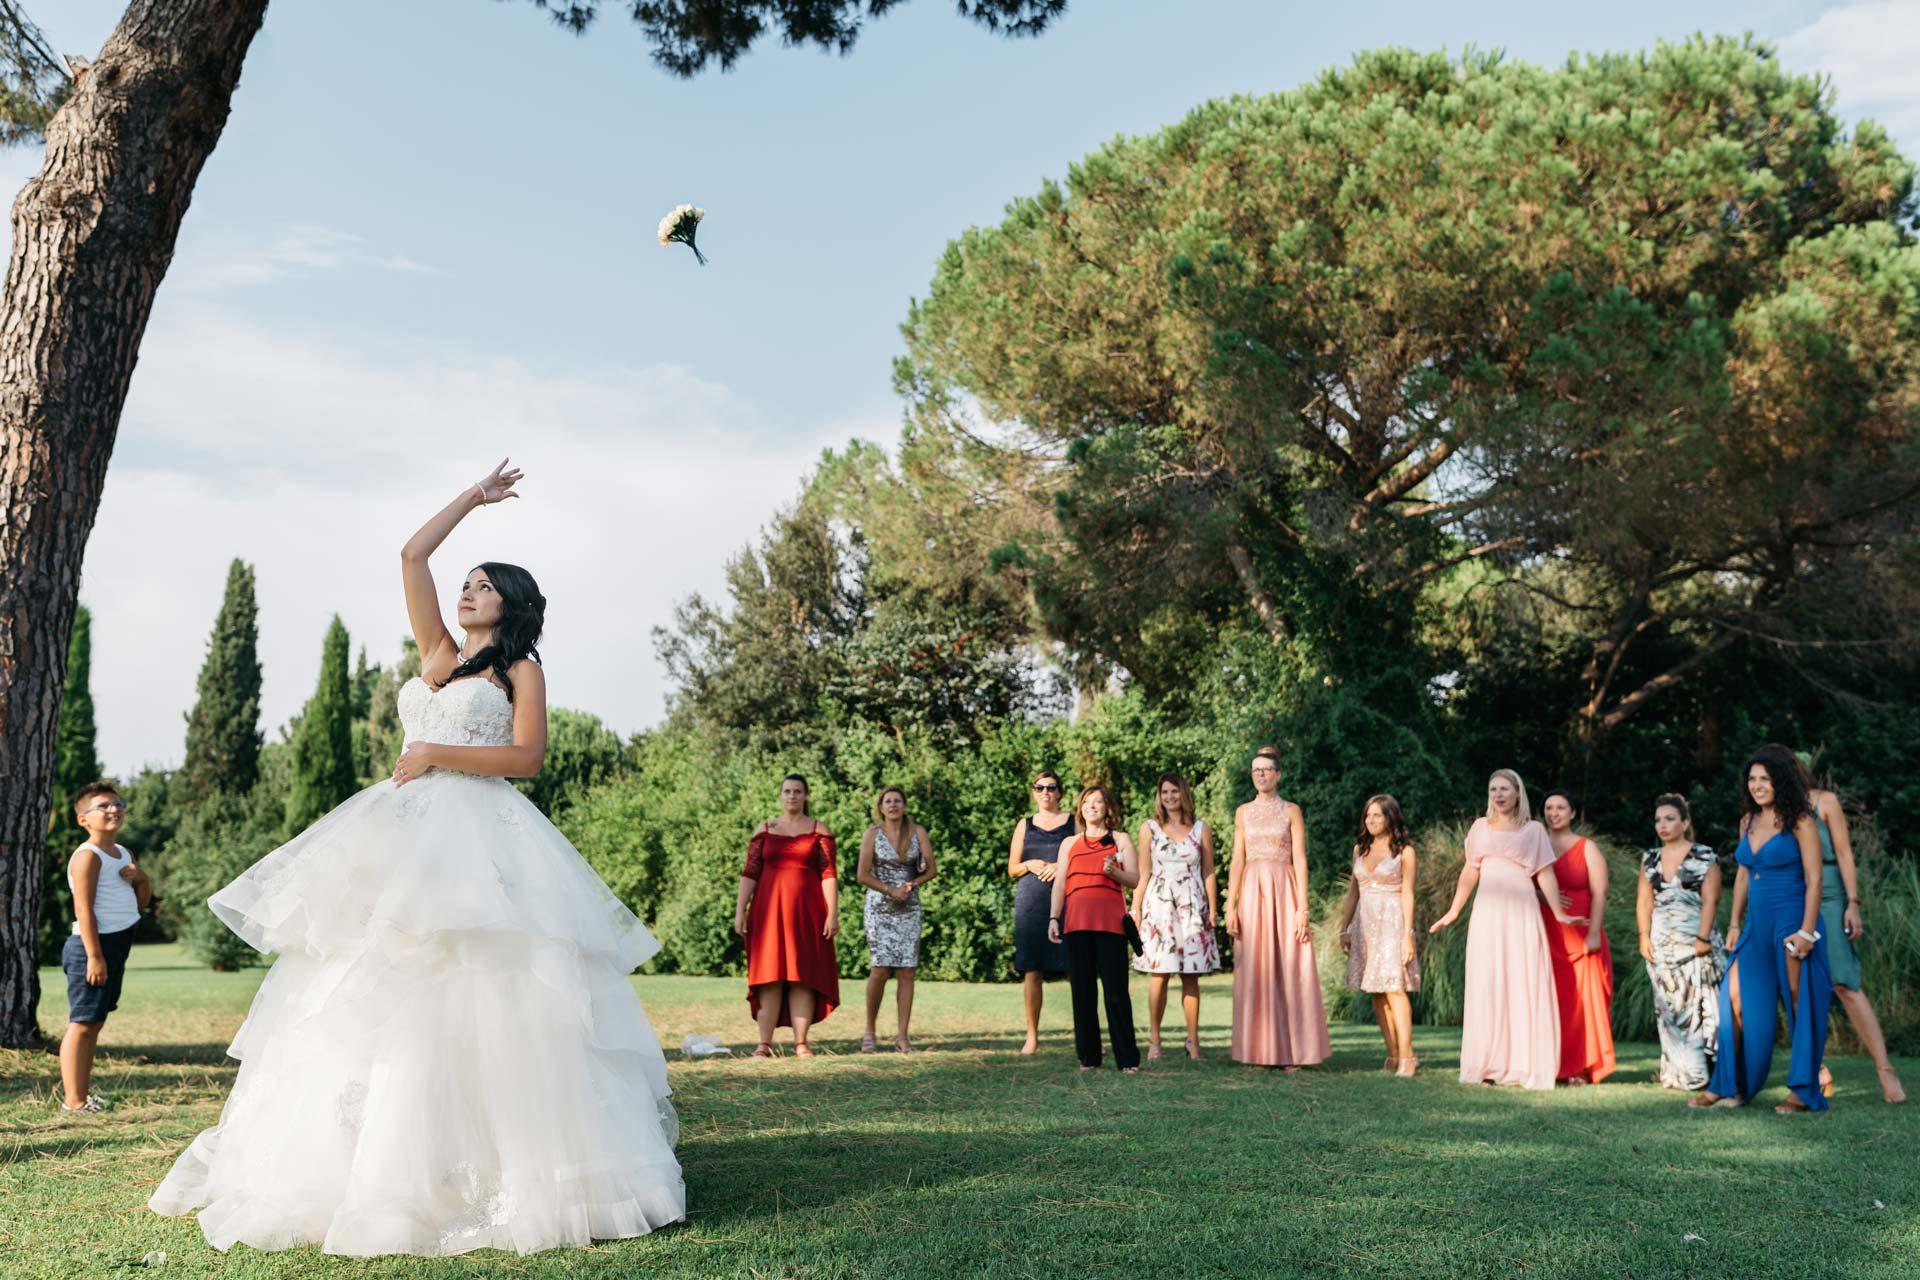 fotografo-matrimonio-reportage-roma-villa-rosantica-8-simone-nunzi